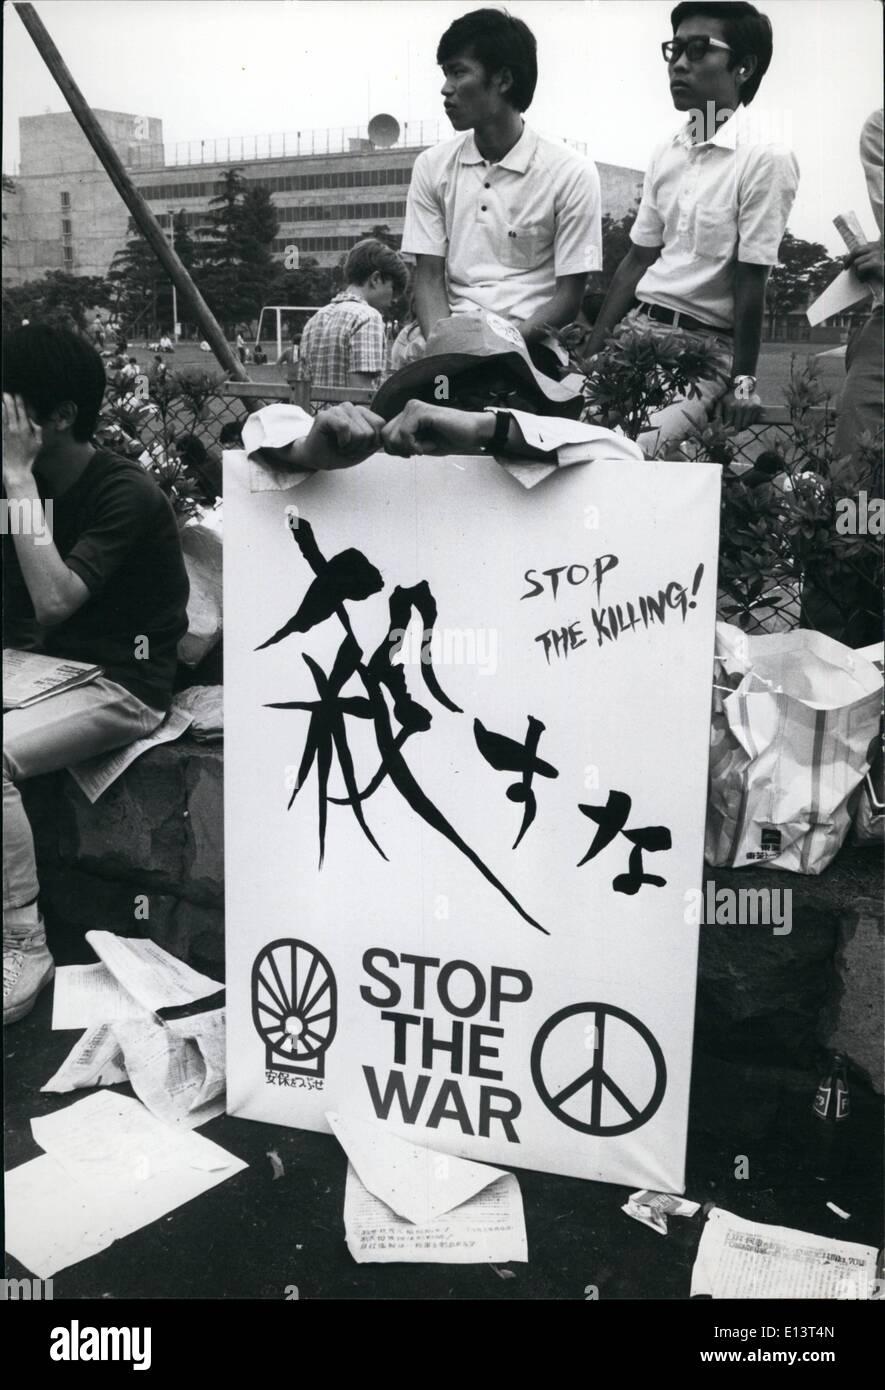 27 mars 2012 - Mouvement pour la paix. Photo Stock